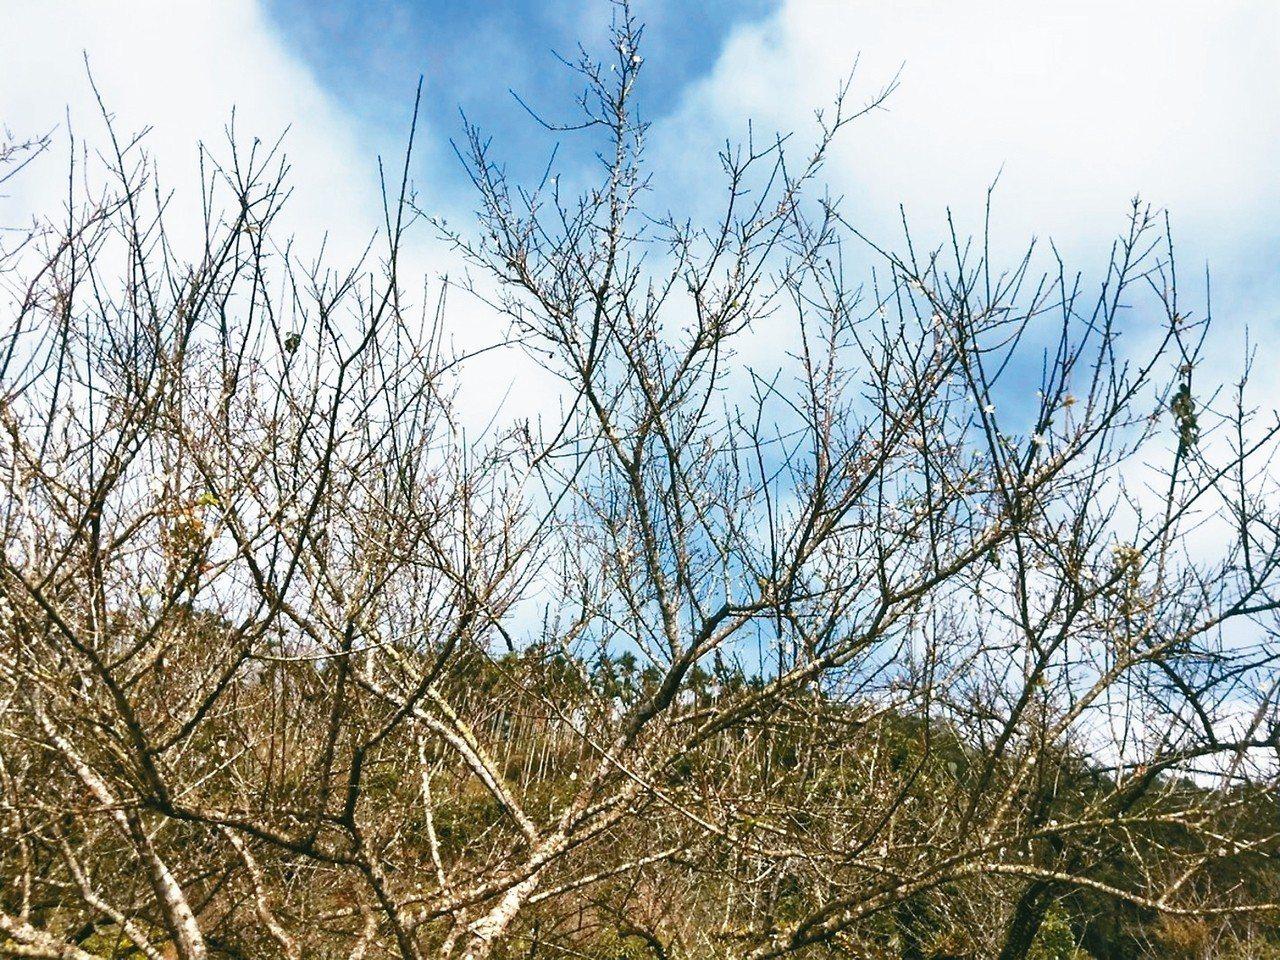 受暖冬影響,目前梅嶺的梅花僅開約兩成,預計本月中下旬才會綻放。 記者綦守鈺/攝影